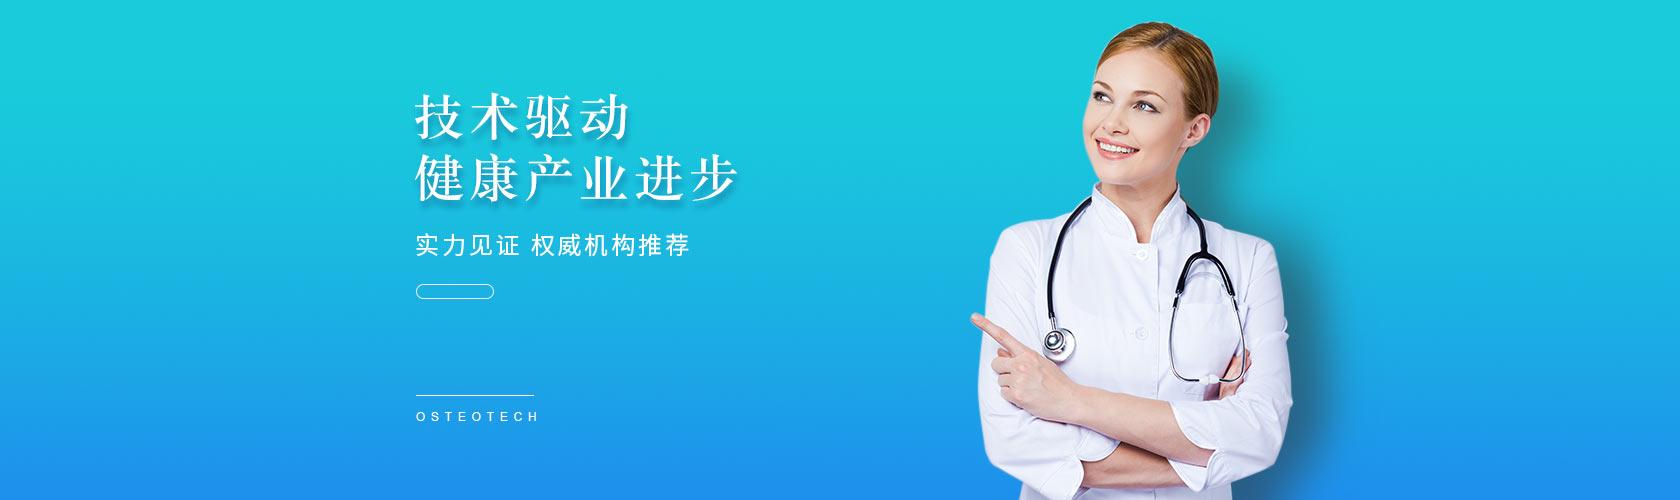 南京澳思泰生物科技有限公司